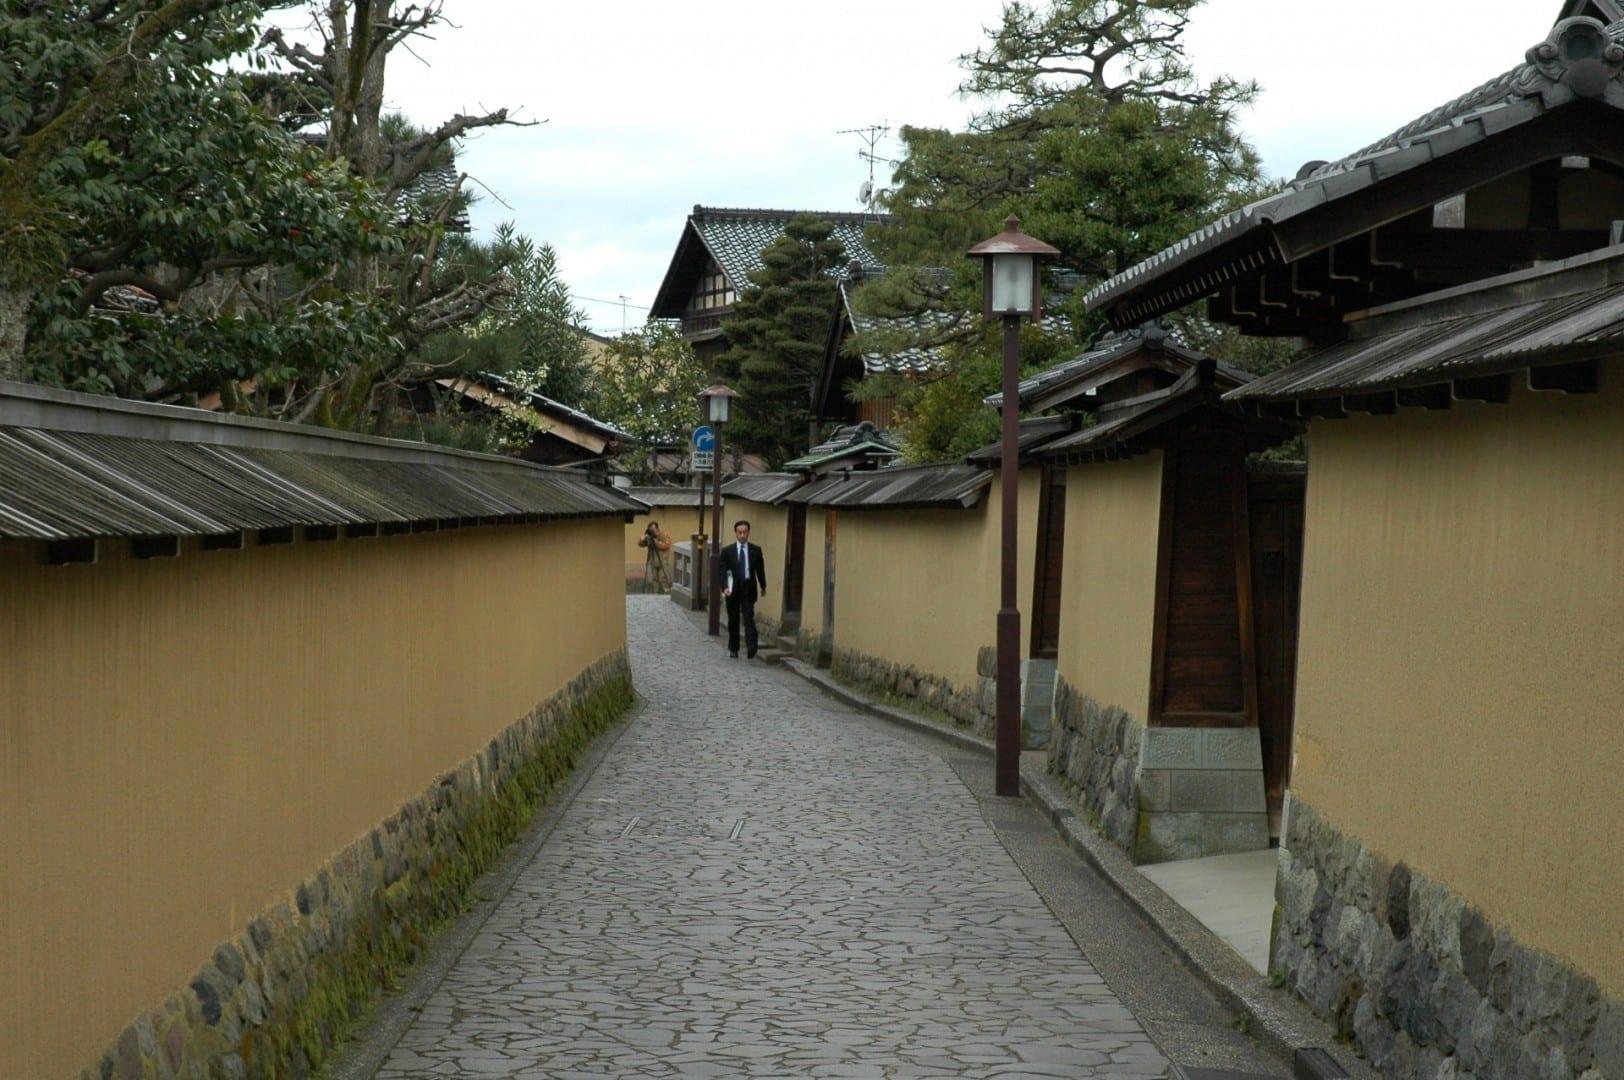 Los callejones del distrito samurái de Nagamachi Kanazawa Japón